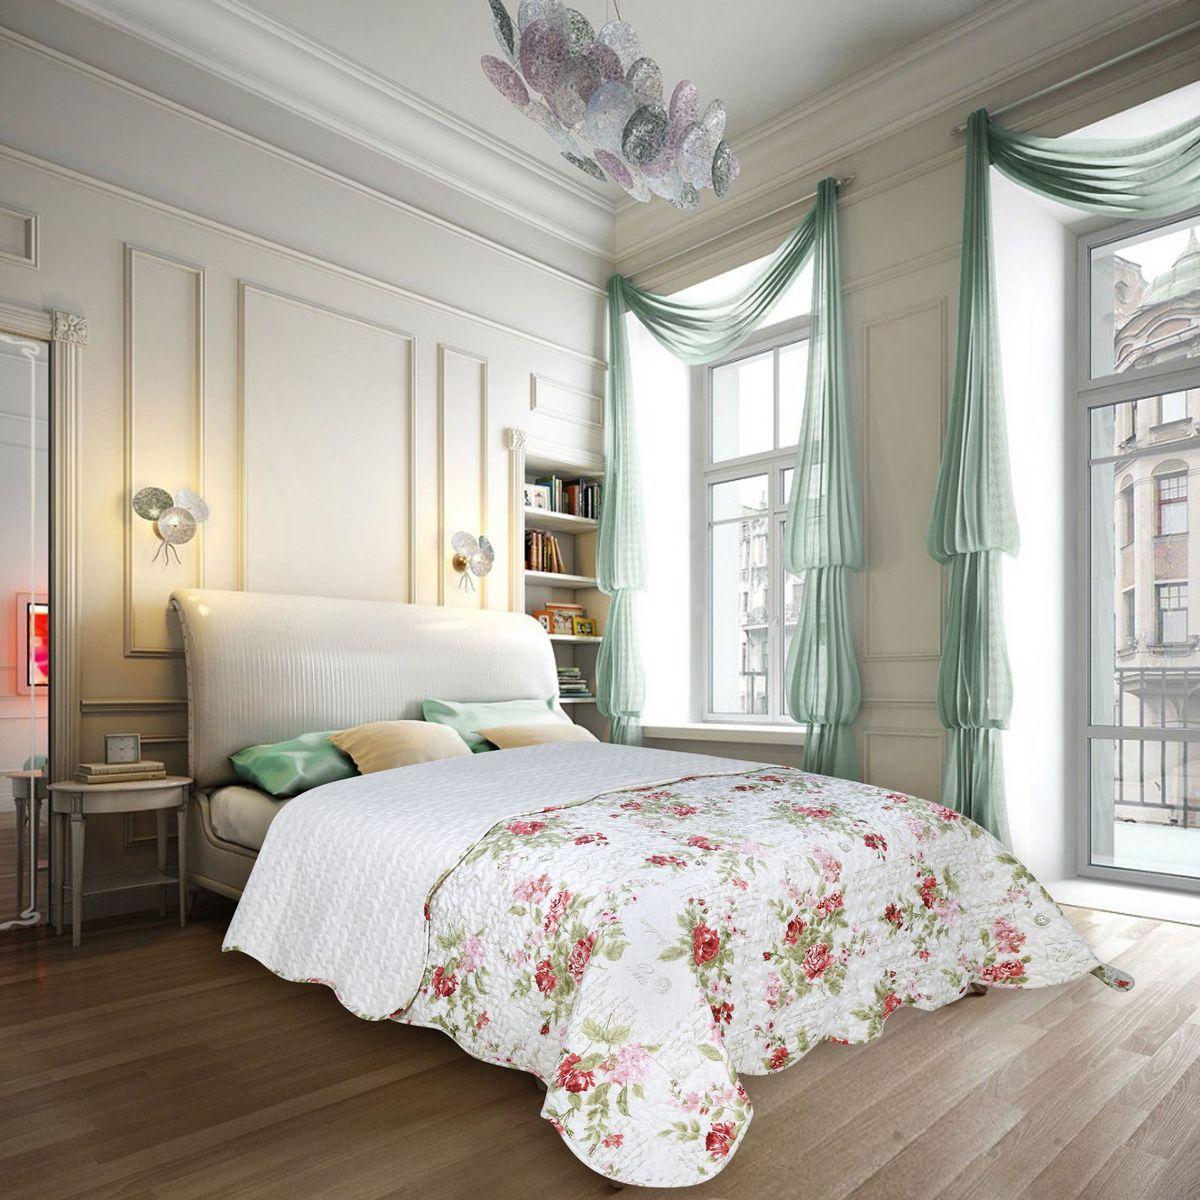 Покрывало Amore Mio Voyage, 220 х 240 см85831Покрывало Amore Mio в стиле Прованс, элегантные цветы на белом фоне, украсит любую спальню.